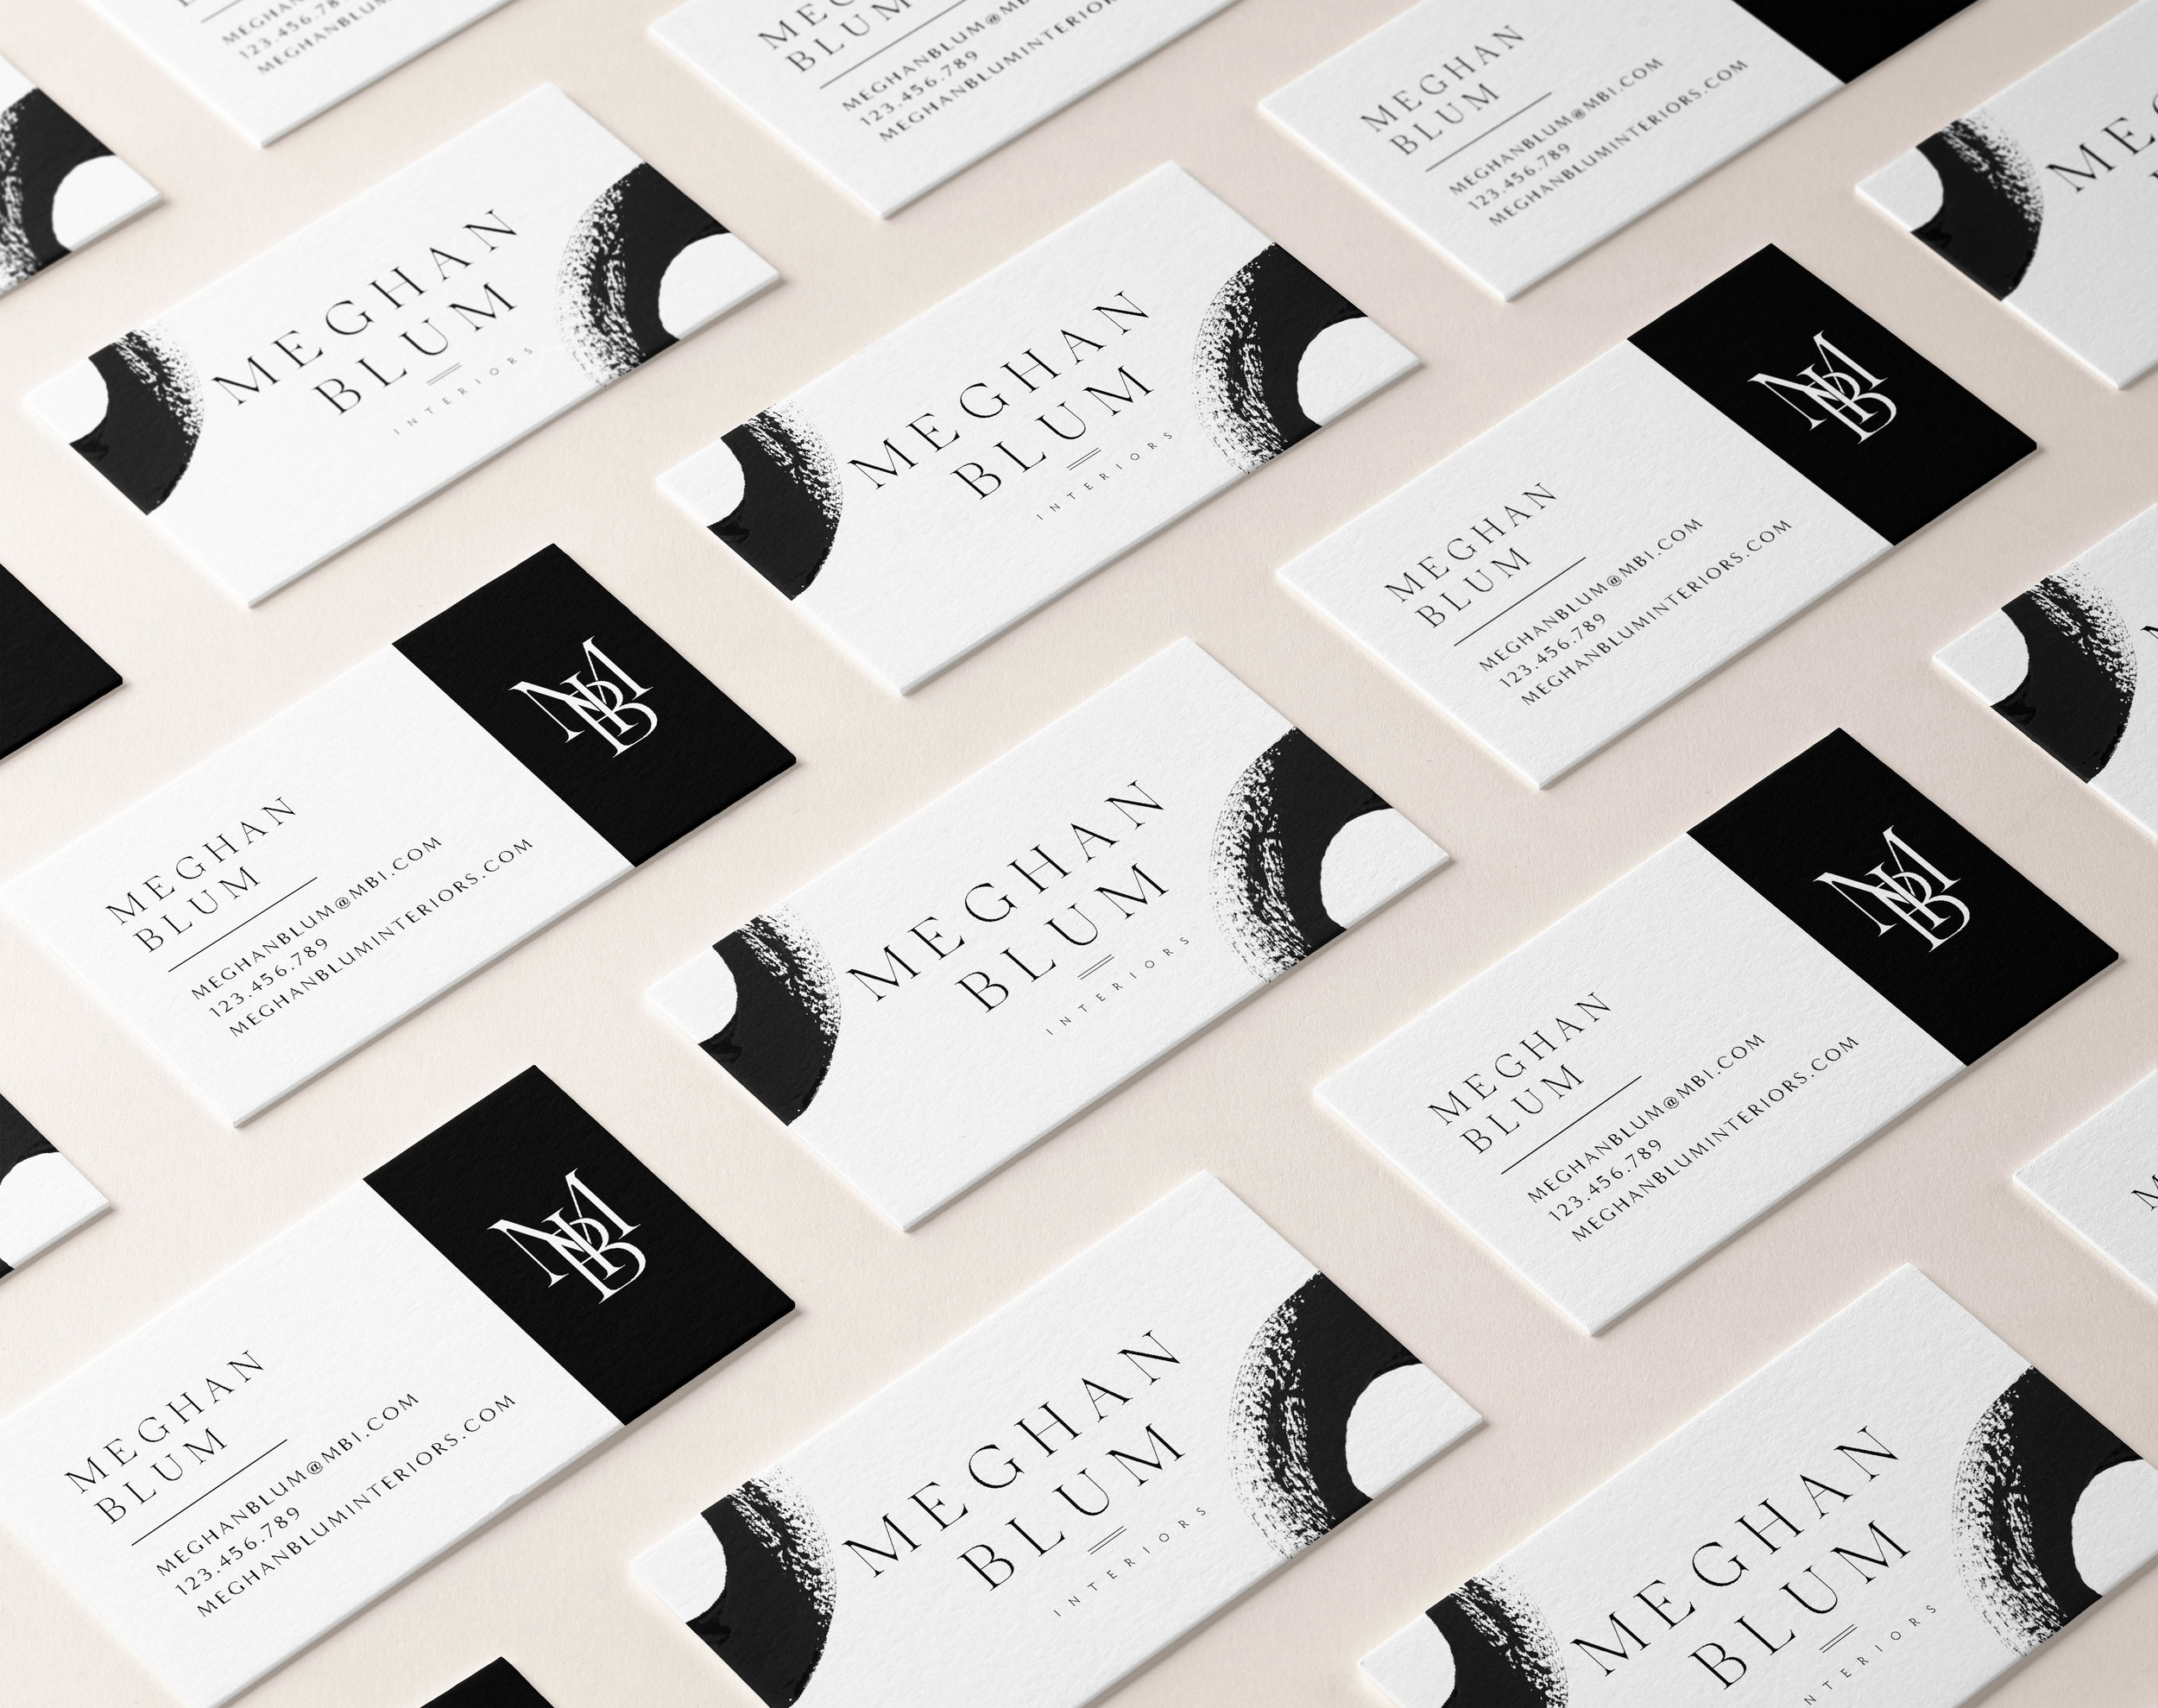 meghan-blum-interior-designer-branding-classic-elegant-whimsical-logo-businesscards.jpeg